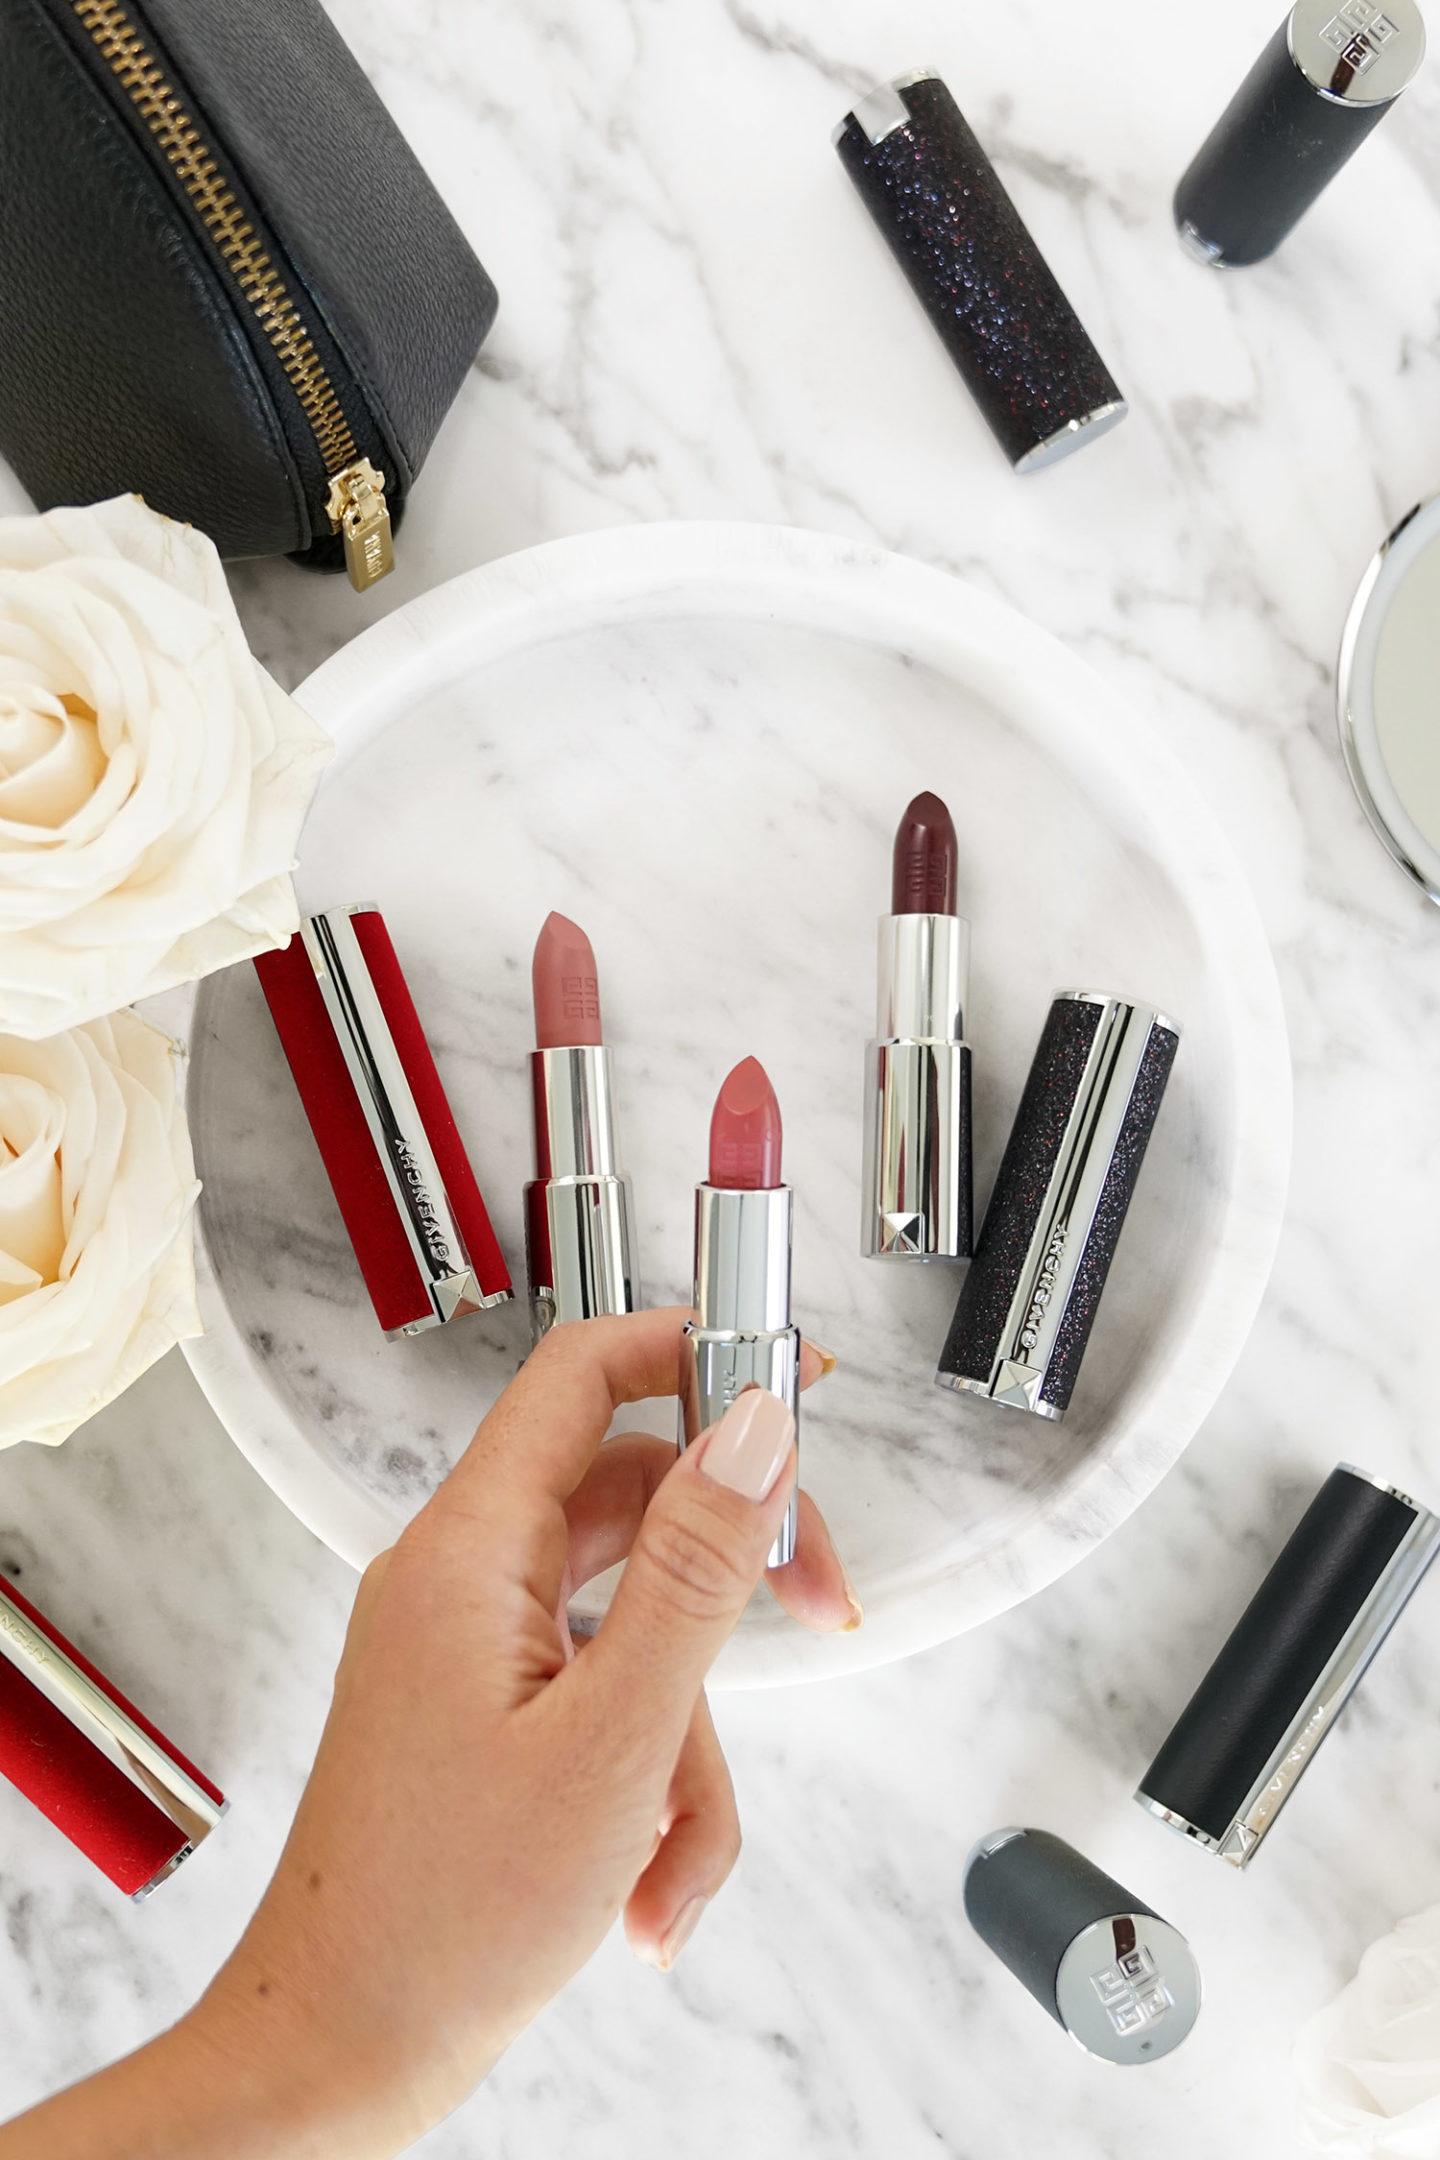 """Givenchy Le Rouge """"width ="""" 1080 """"height ="""" 1620 """"srcset ="""" https://camaraderielimited.fr/wp-content/uploads/2019/11/3-Givenchy-LeRouge-Lipstick-1440x2160.jpg 1440w, http: //thebeautylookbook.com/wp-content/uploads/2019/11/3-Givenchy-LeRouge-Lipstick-800x1200.jpg 800w, http://thebeautylookbook.com/wp-content/uploads/2019/11/3-Givenchy -LeRouge-Lipstick-67x100.jpg 67w, http://thebeautylookbook.com/wp-content/uploads/2019/11/3-Givenchy-LeRouge-Lipstick-1080x1620.jpg 1080w, http://thebeautylookbook.com/wp -content / uploads / 2019/11/3-Givenchy-LeRouge-Lipstick.jpg 1500w """"tailles ="""" (largeur maximale: 1080px) 100vw, 1080px """"données-jpibfi-post-excerpt ="""" Rouge à lèvres avec le nouveau Givenchy revisité Le Rouge. Trois formules sont proposées: Classic, Deep Velvet et Night Noir avec des nuances. """"Data-jpibfi-post-url ="""" http://thebeautylookbook.com/2019/11/luxury-lips-with-givenchy-le-rouge. html """"data-jpibfi-post-title ="""" Lèvres de luxe avec Givenchy Le Rouge """"data-jpibfi-src ="""" http://thebeautylookbook.com/wp-content/uploads/2019/11/3-Givenchy-LeRouge-Lipstick -1440x2160.jpg """"/></p> <p><img class="""